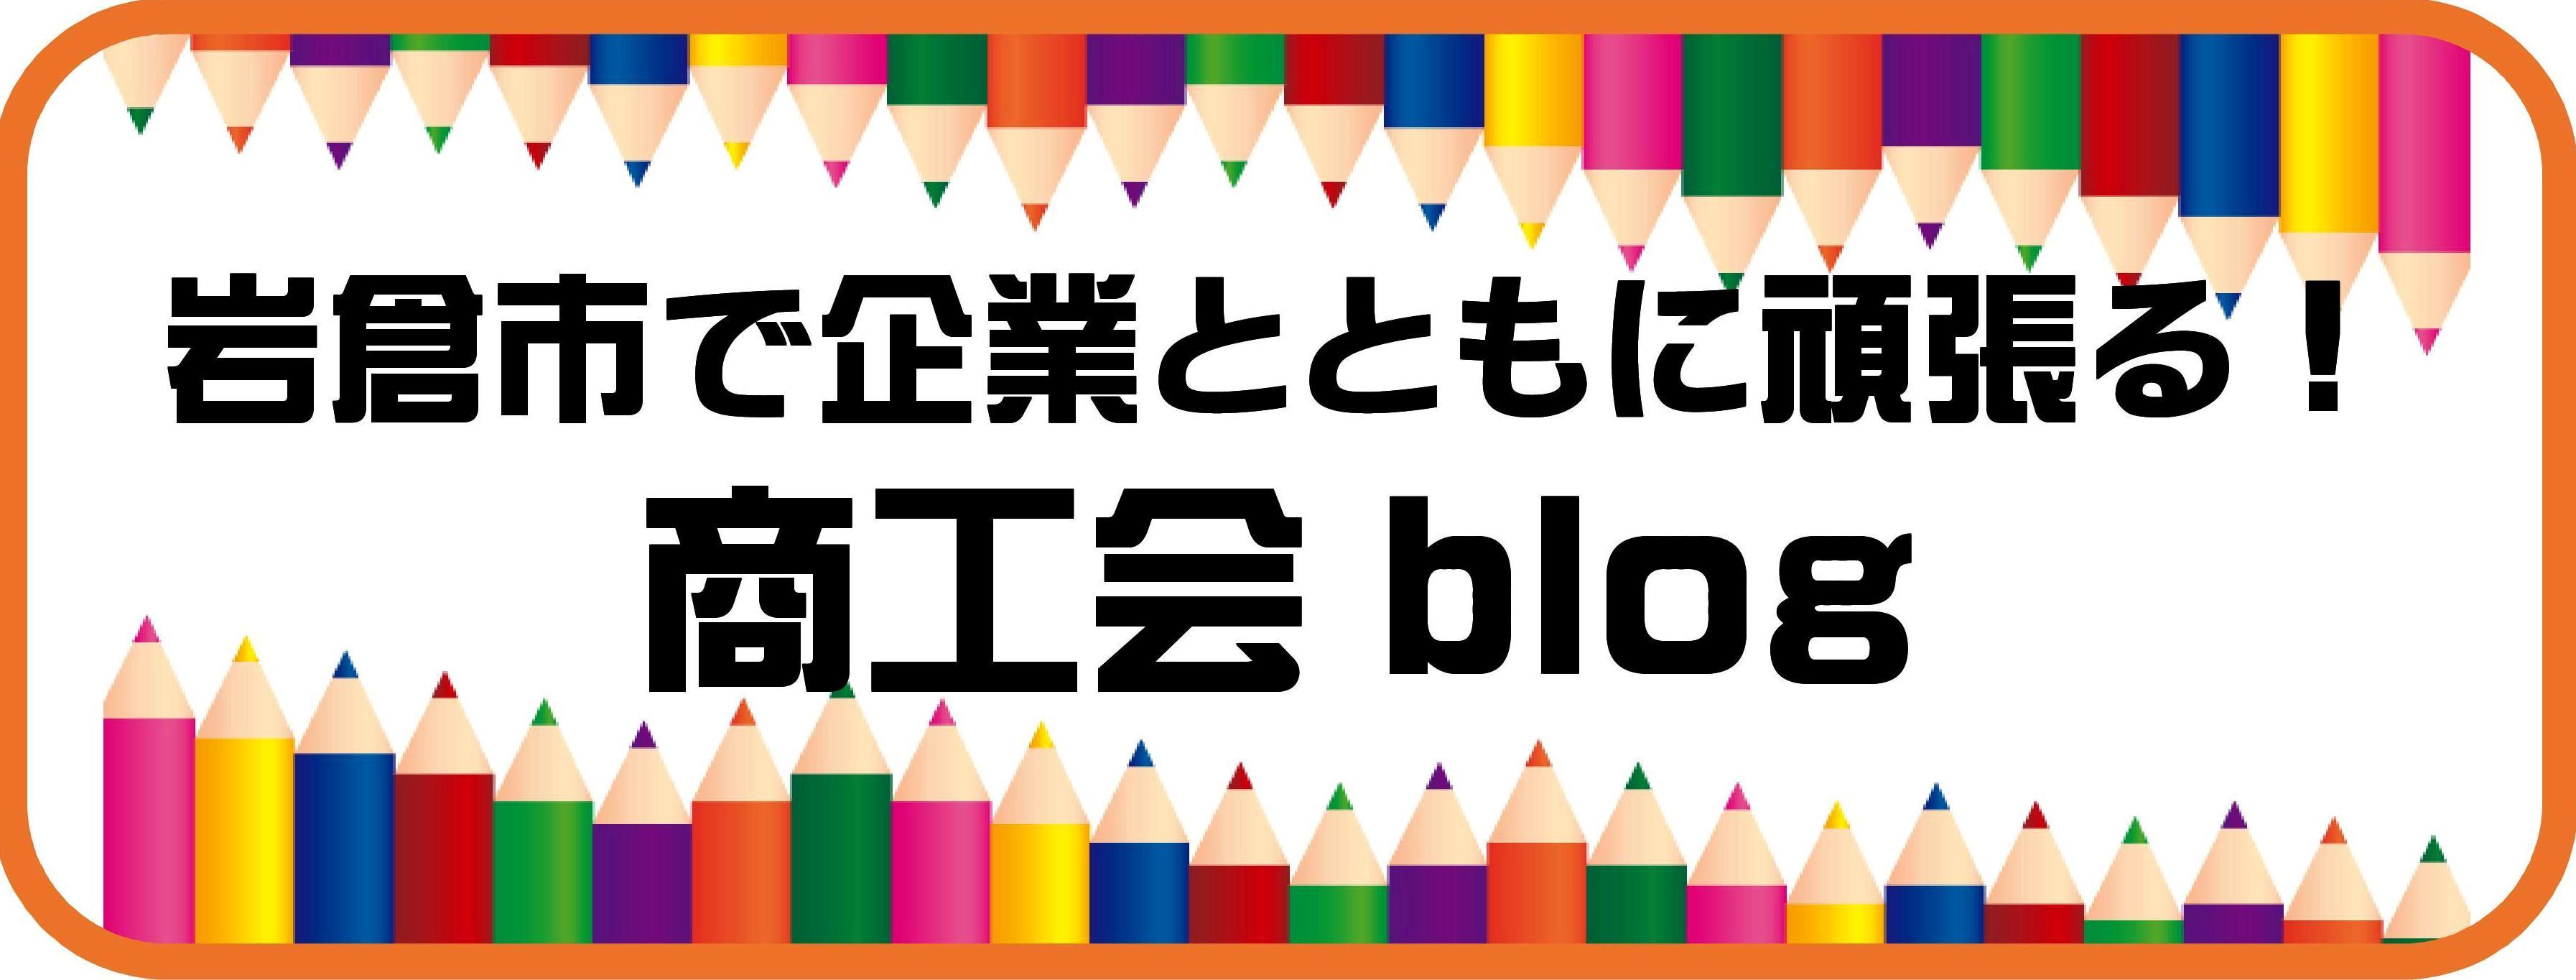 商工会blog